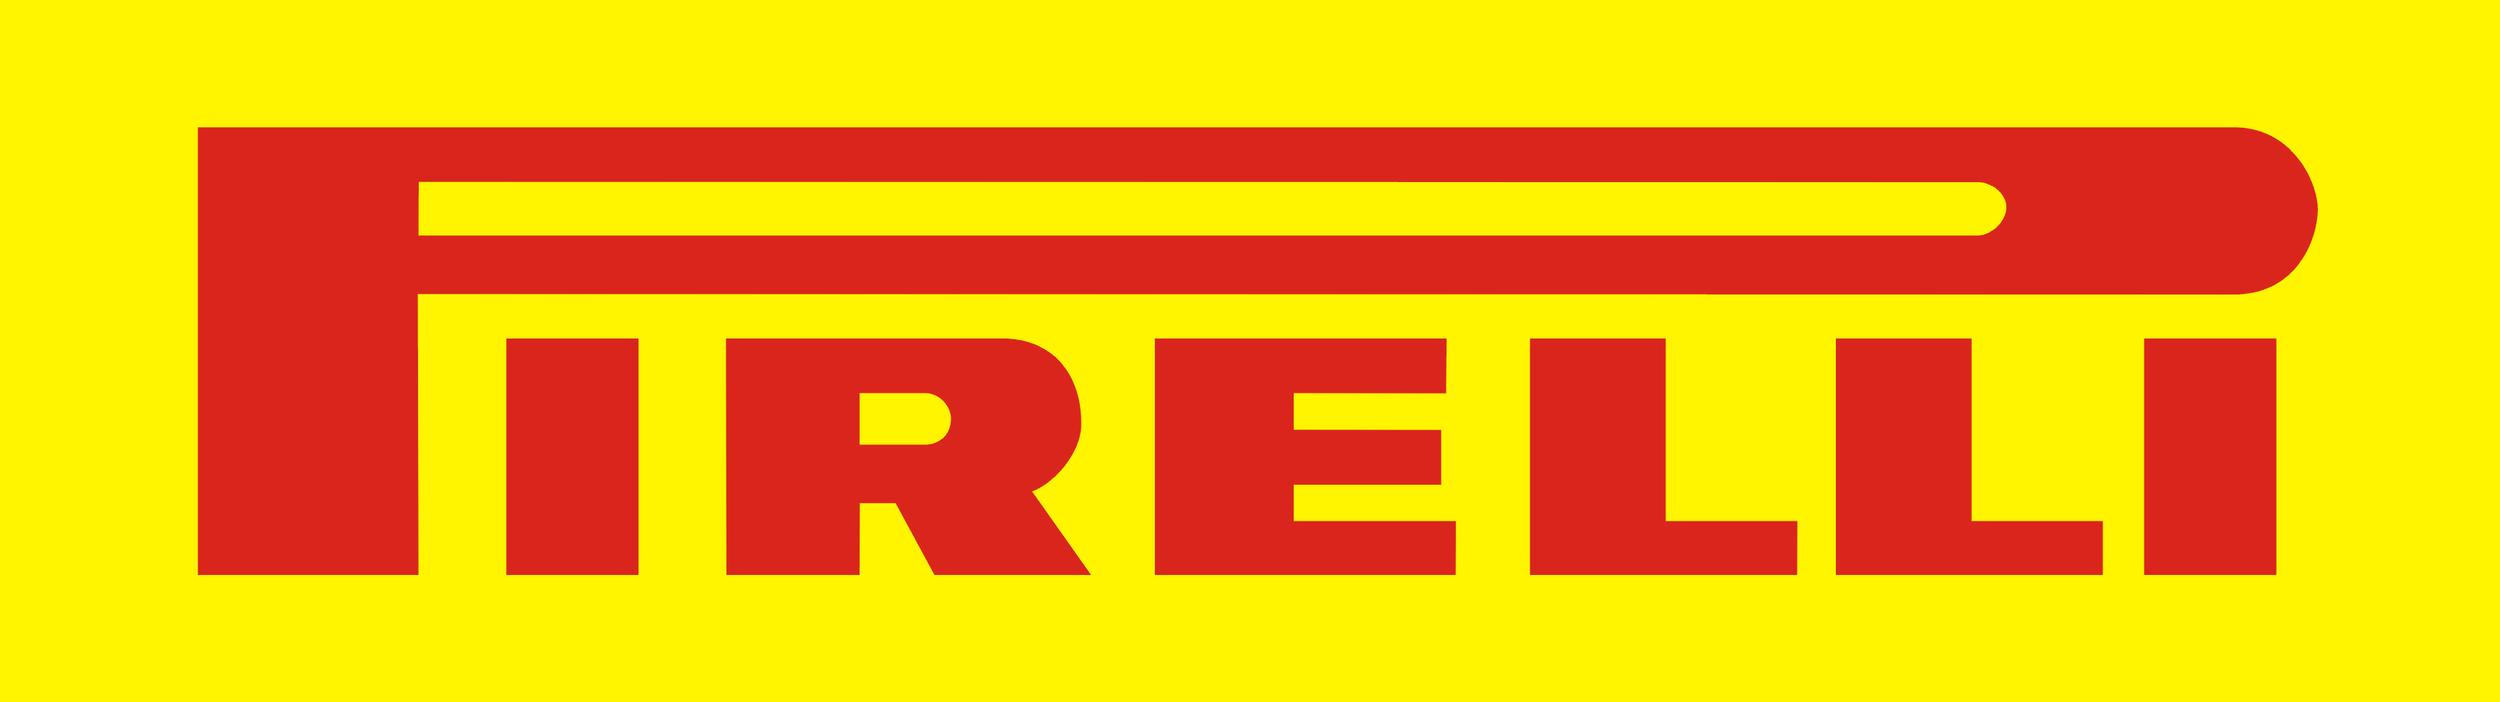 Pirelli-logo-3840x2160 copy.png